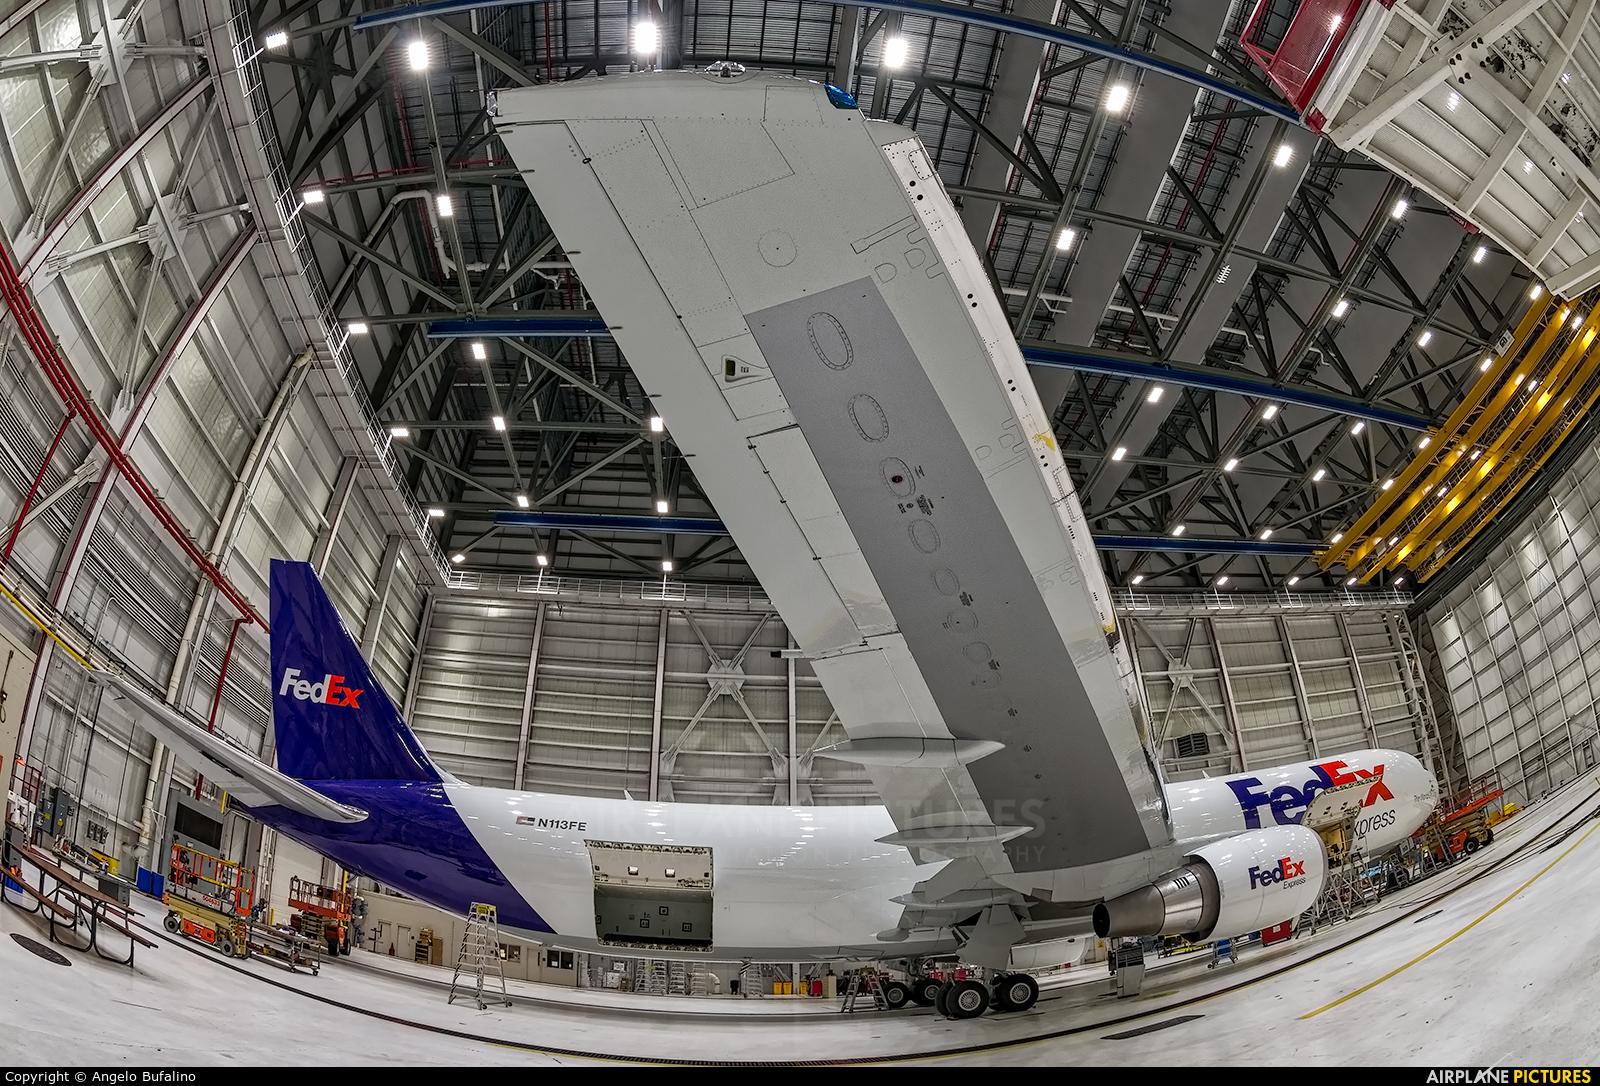 FedEx Federal Express N113FE aircraft at Memphis Intl